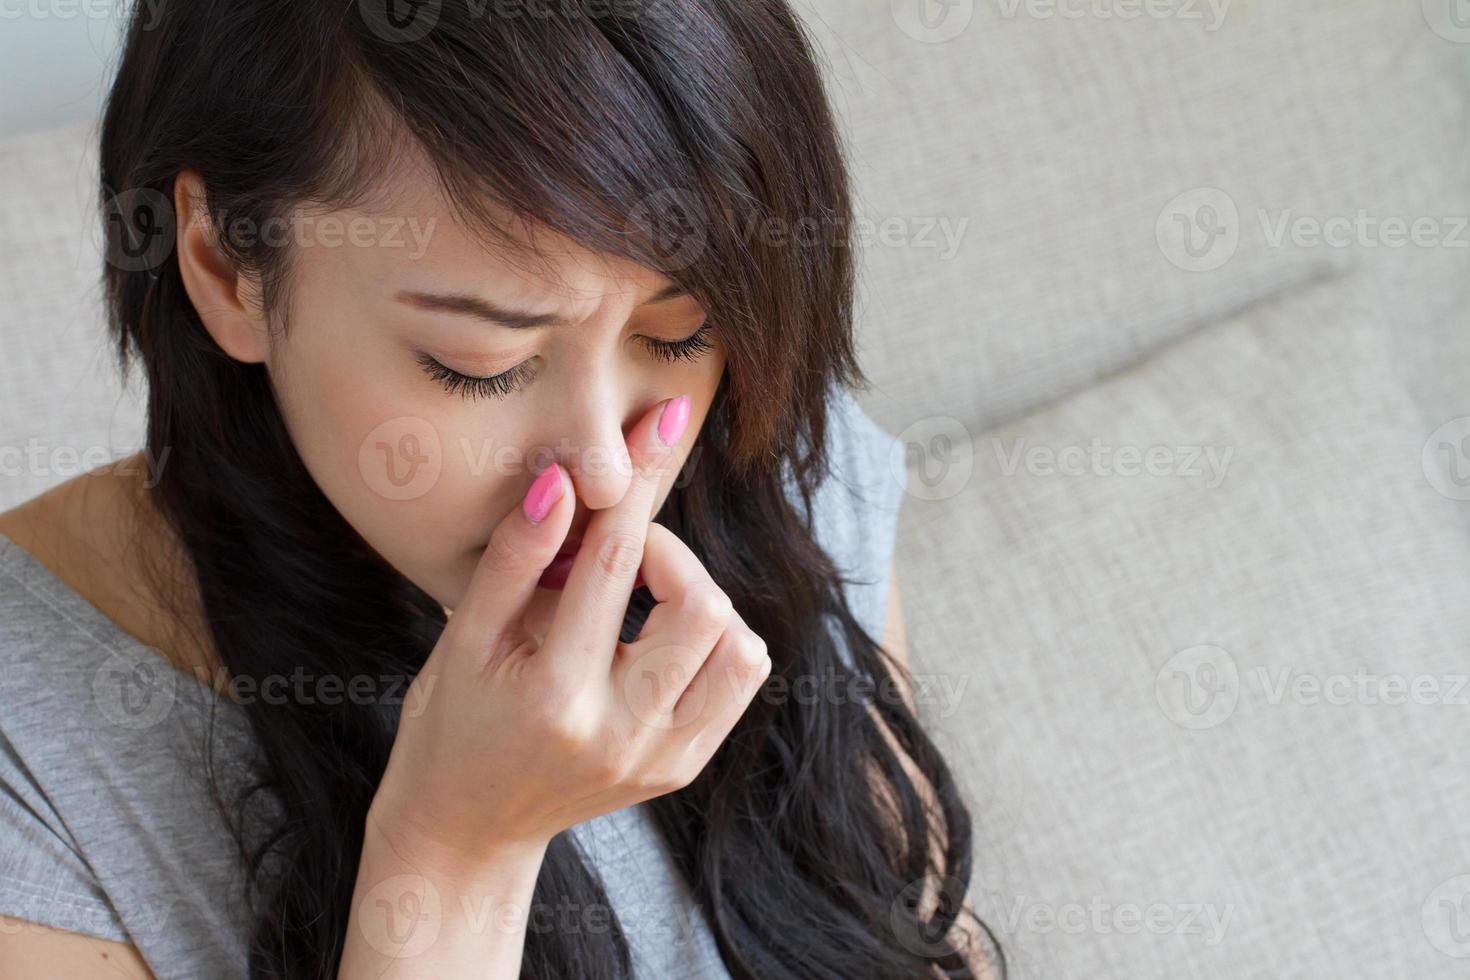 kranke Frau leidet an Grippe, Erkältung, laufender Nase, asiatischem Kaukasier foto